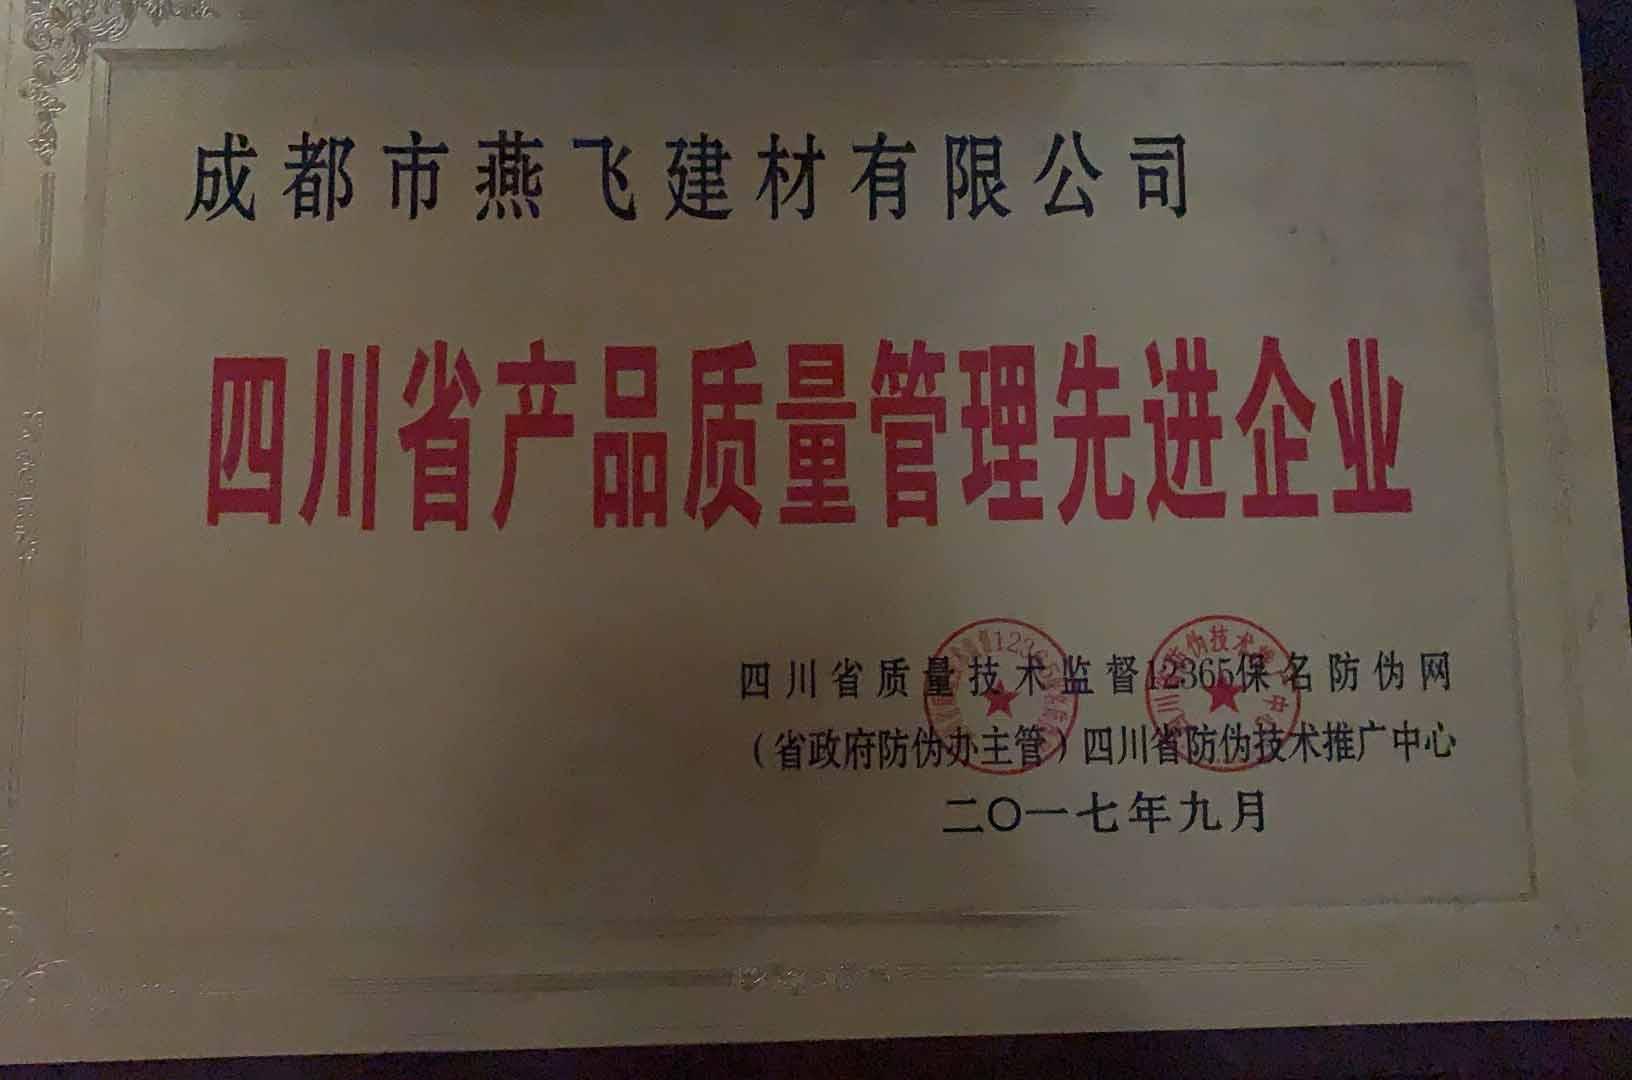 四川省产品质量管理**企业